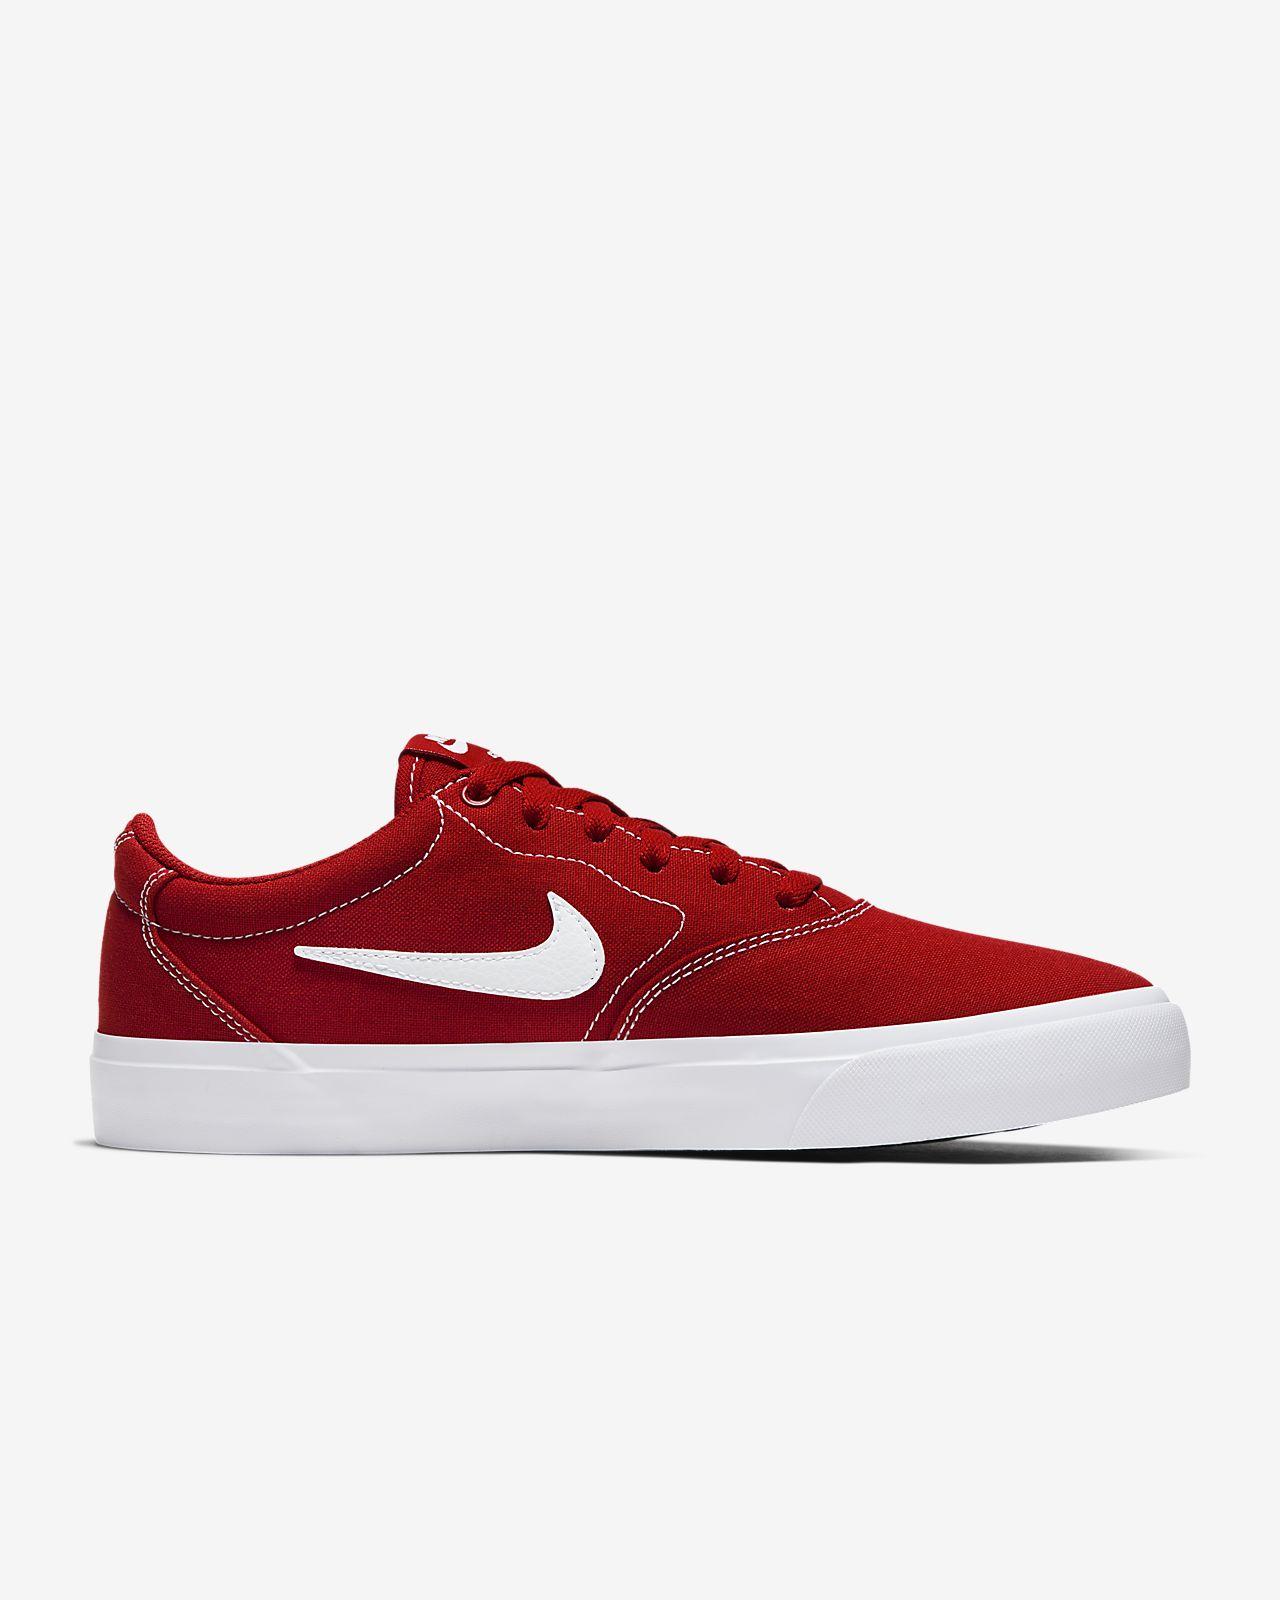 Sapatilhas de skateboard Nike SB Charge Canvas para homem